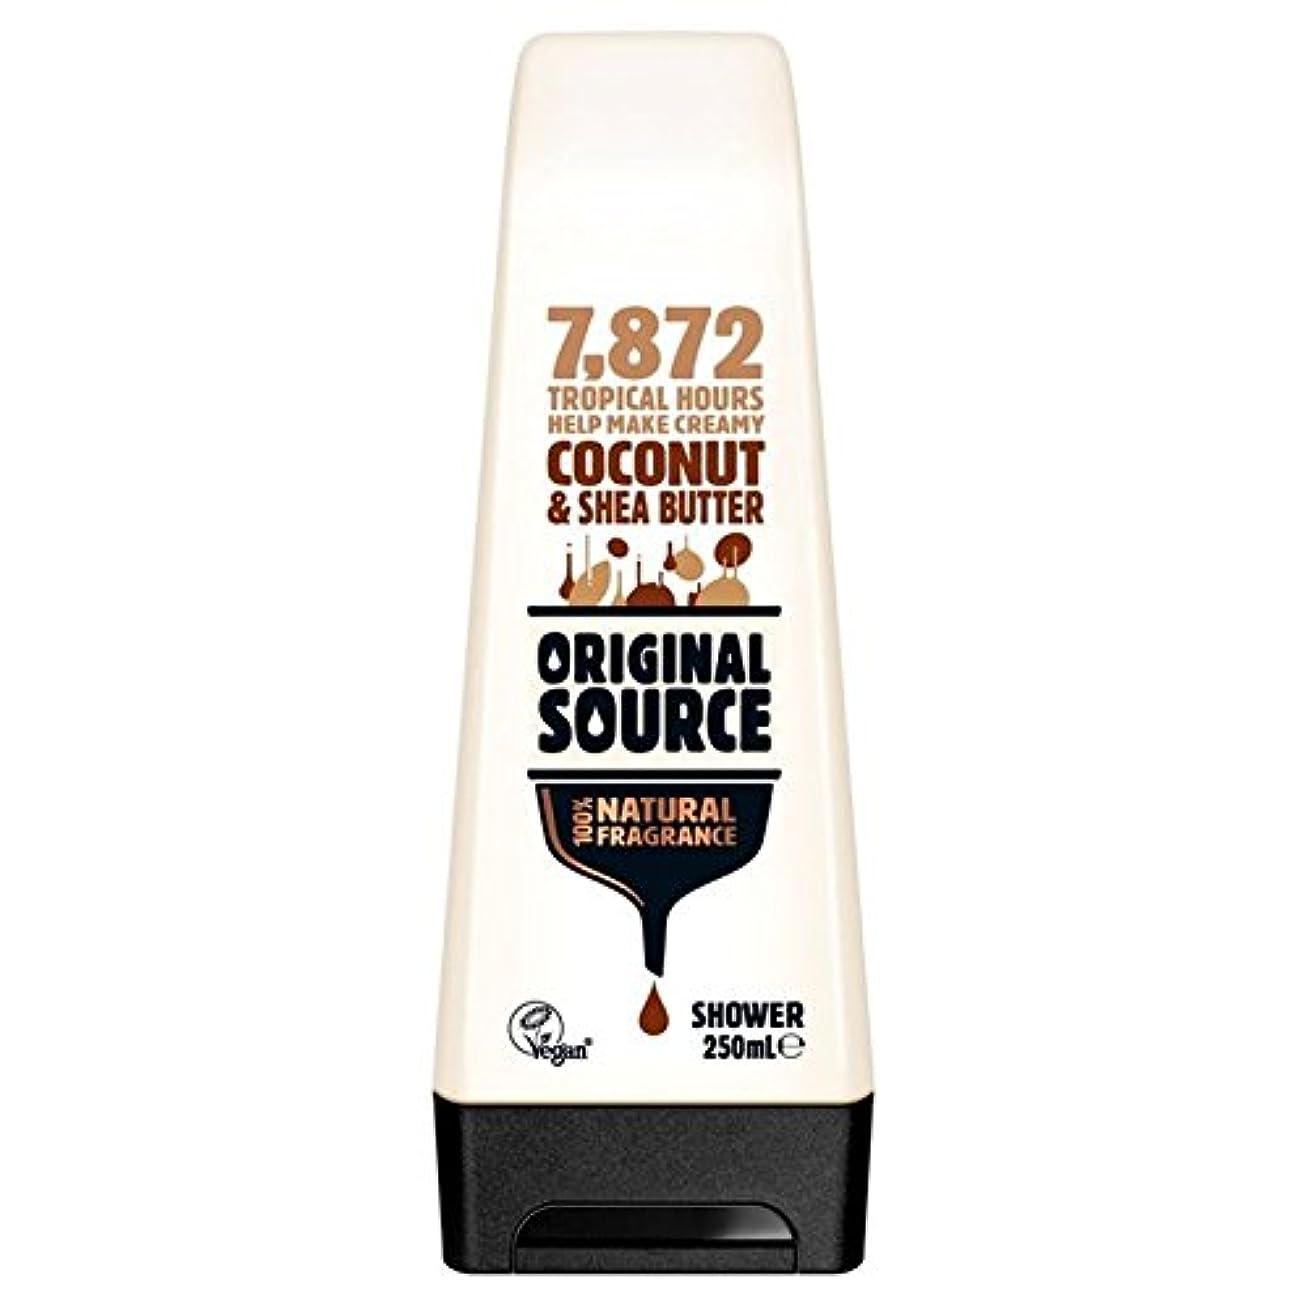 ランタン引く脇にOriginal Source Moisturising Coconut & Shea Butter Shower Gel 250ml - 元のソース保湿ココナッツ&シアバターシャワージェル250ミリリットル [並行輸入品]